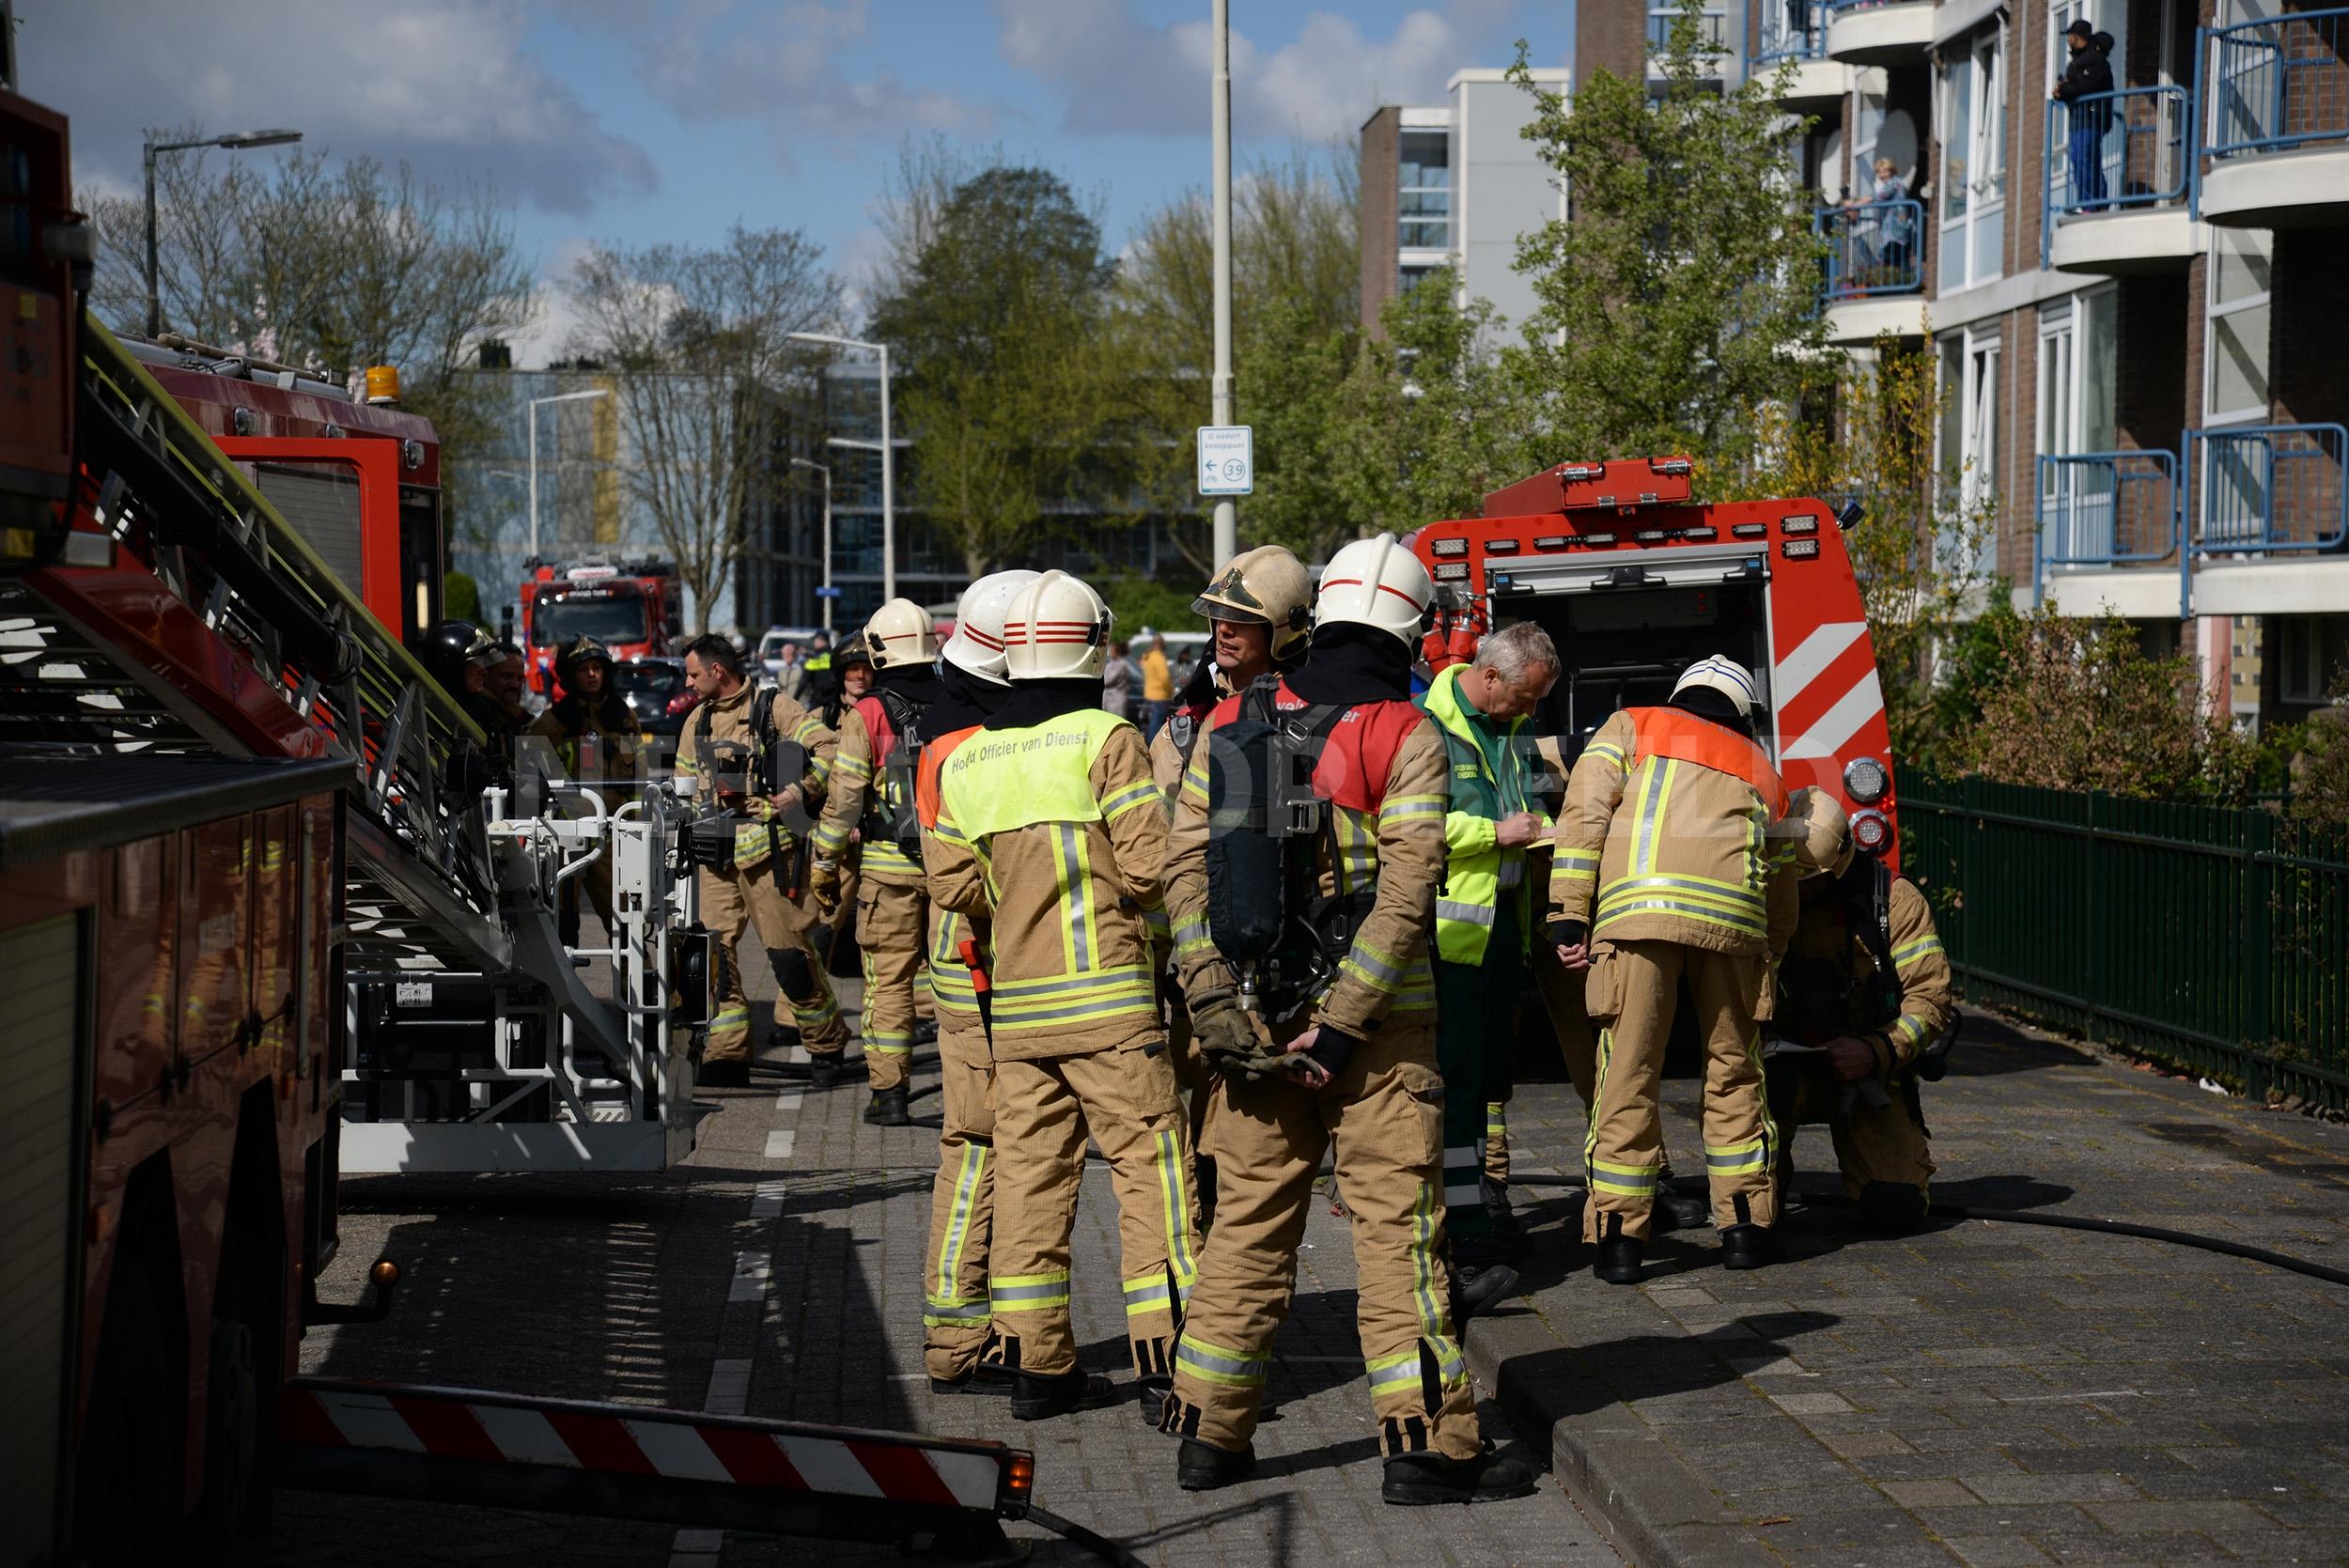 Als Auto Salvage >> Drie woningen verwoest door grote brand Schoonveld Rotterdam (video) – Nieuws op Beeld – Altijd ...